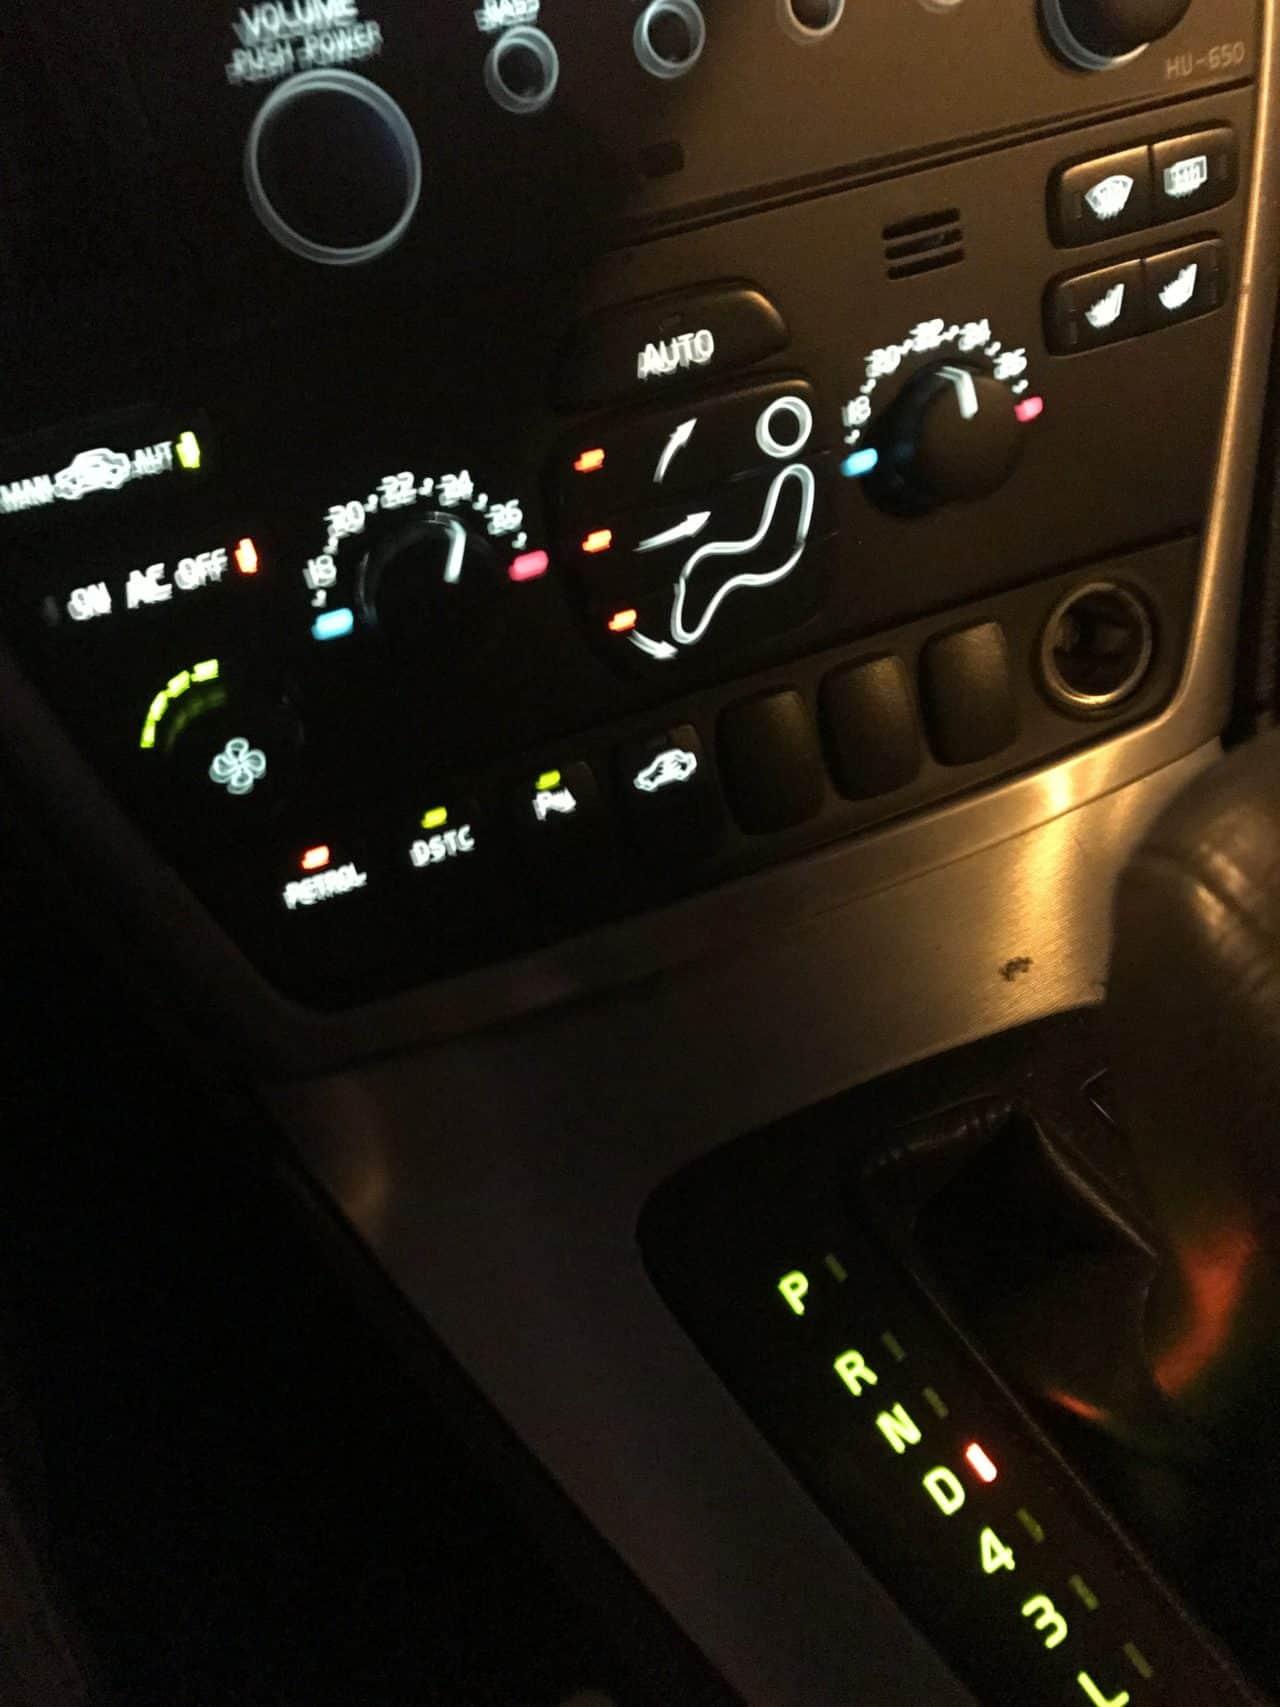 Blurry Dashboard Controls Inside A Volvo Car